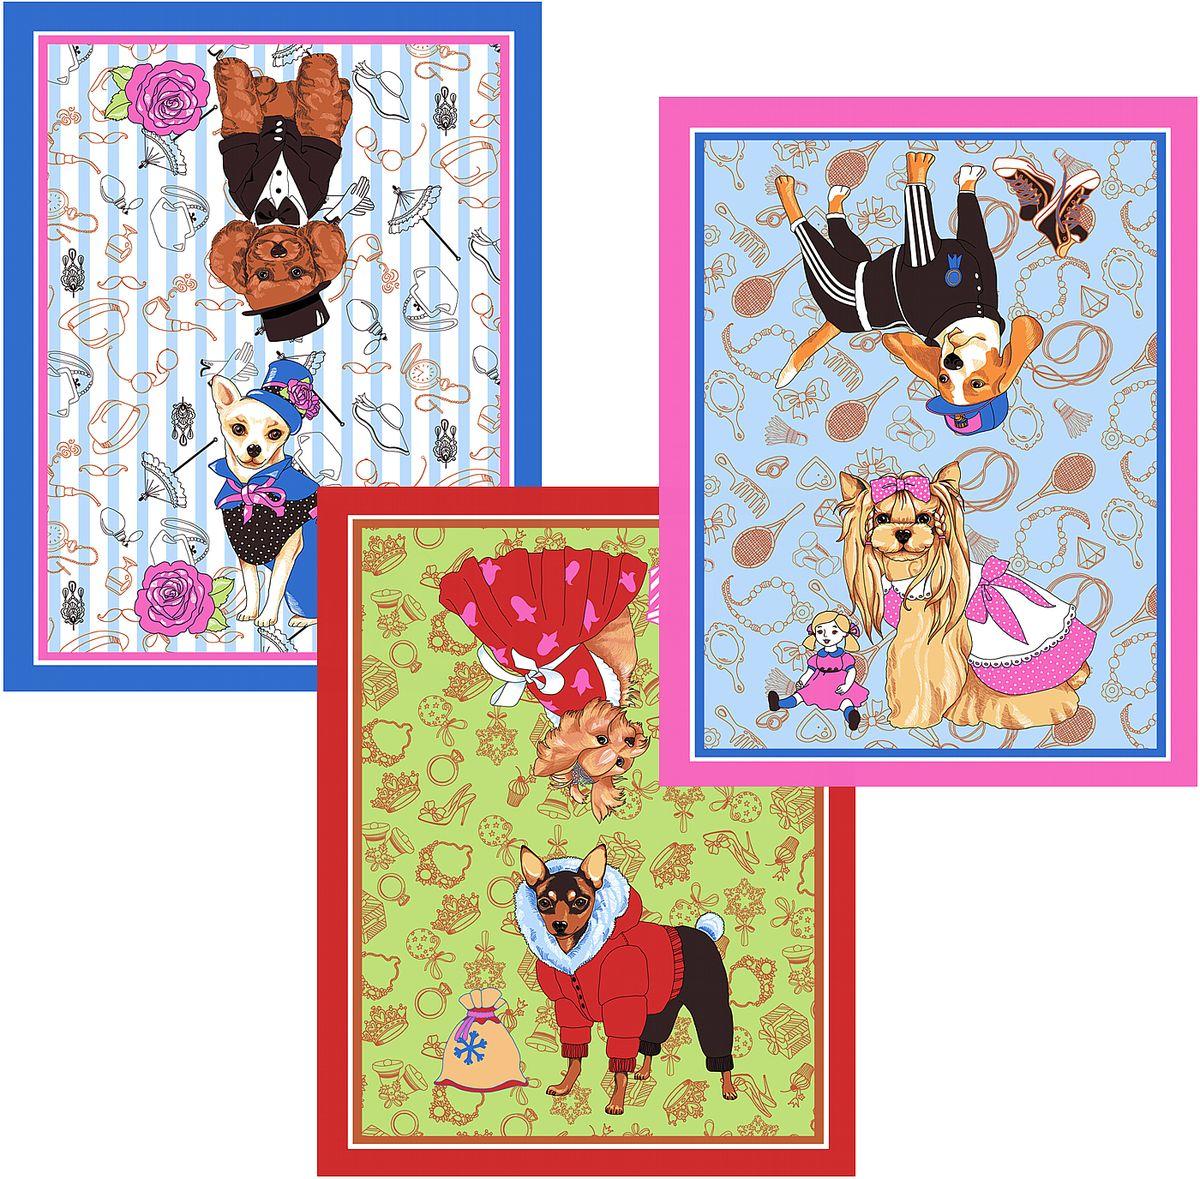 Набор кухонных полотенец Мультидом Собака-модница, цвет: синий, красный, розовый, 48 х 62 см, 3 шт полотенца кухонные la pastel комплект кухонных полотенец gabel 6пр 50x70 primizie